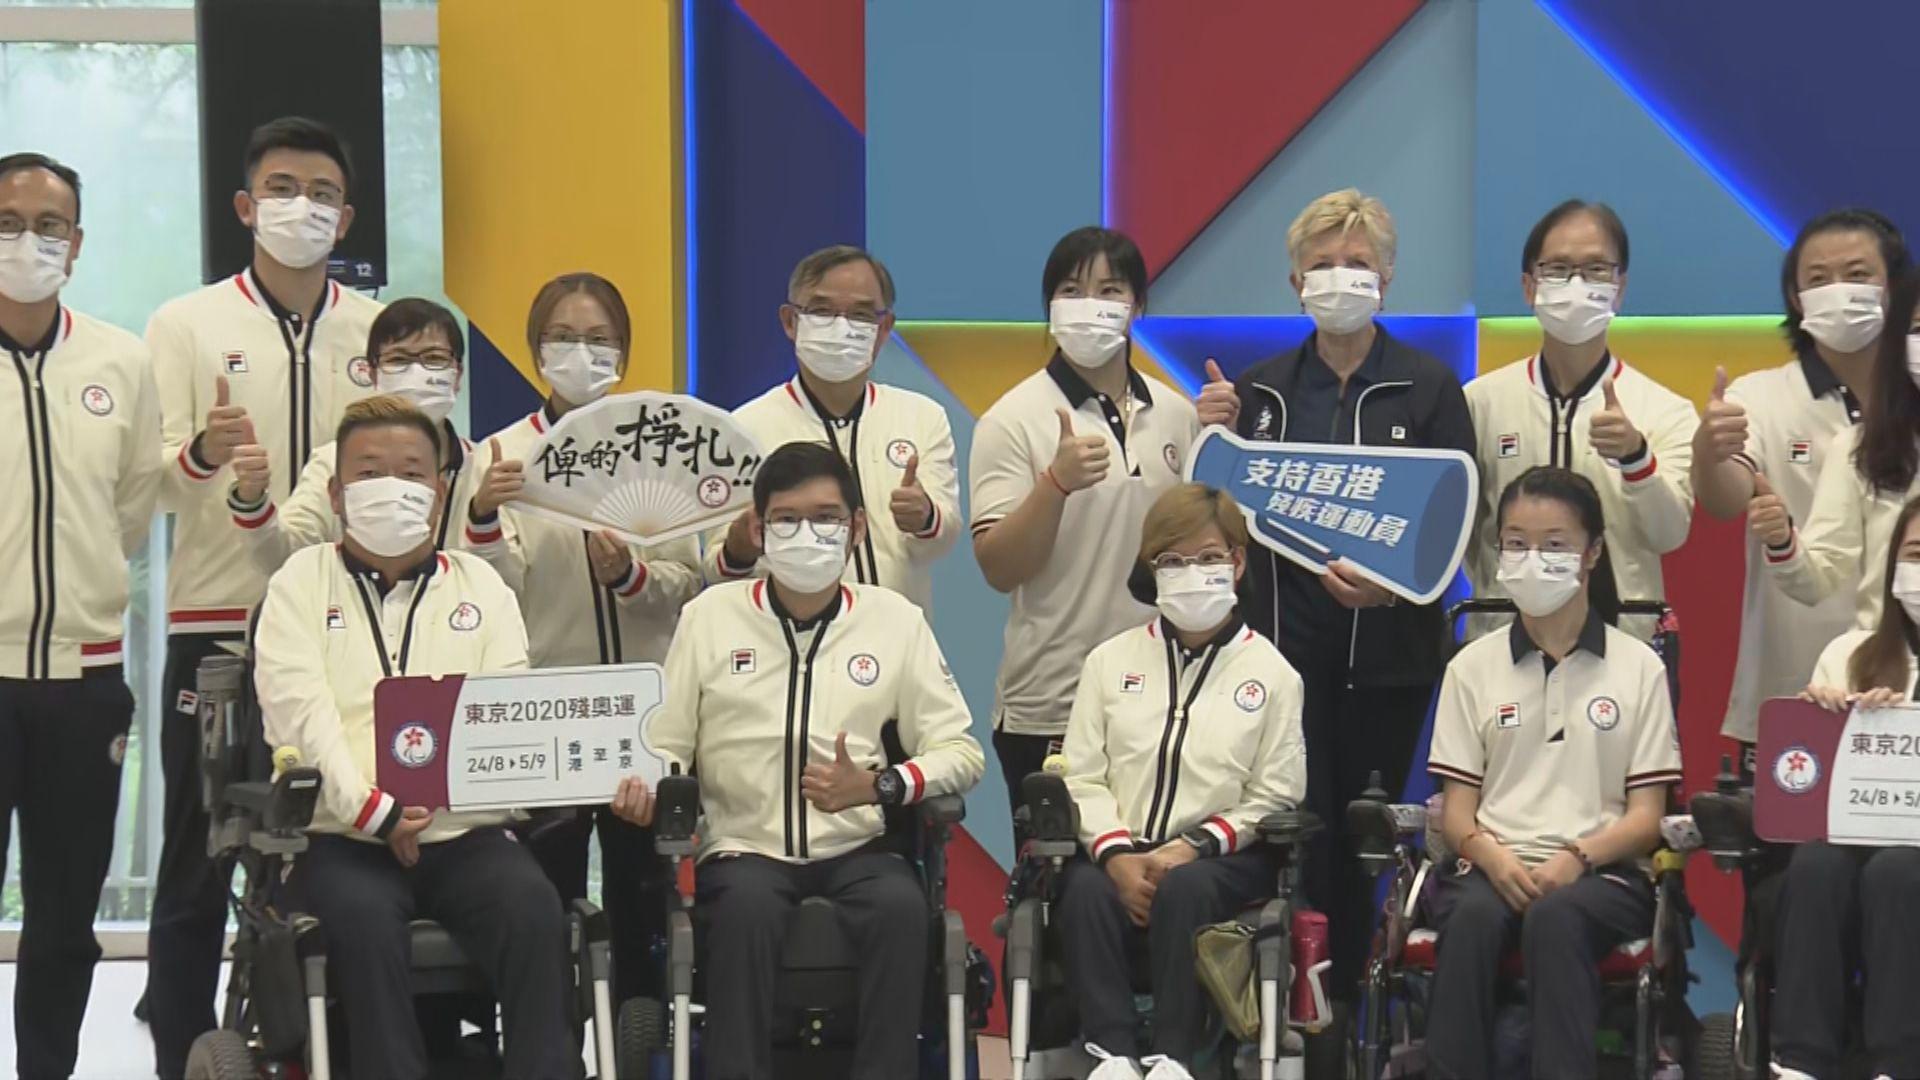 殘奧香港代表團冀市民觀看賽事為運動員打氣